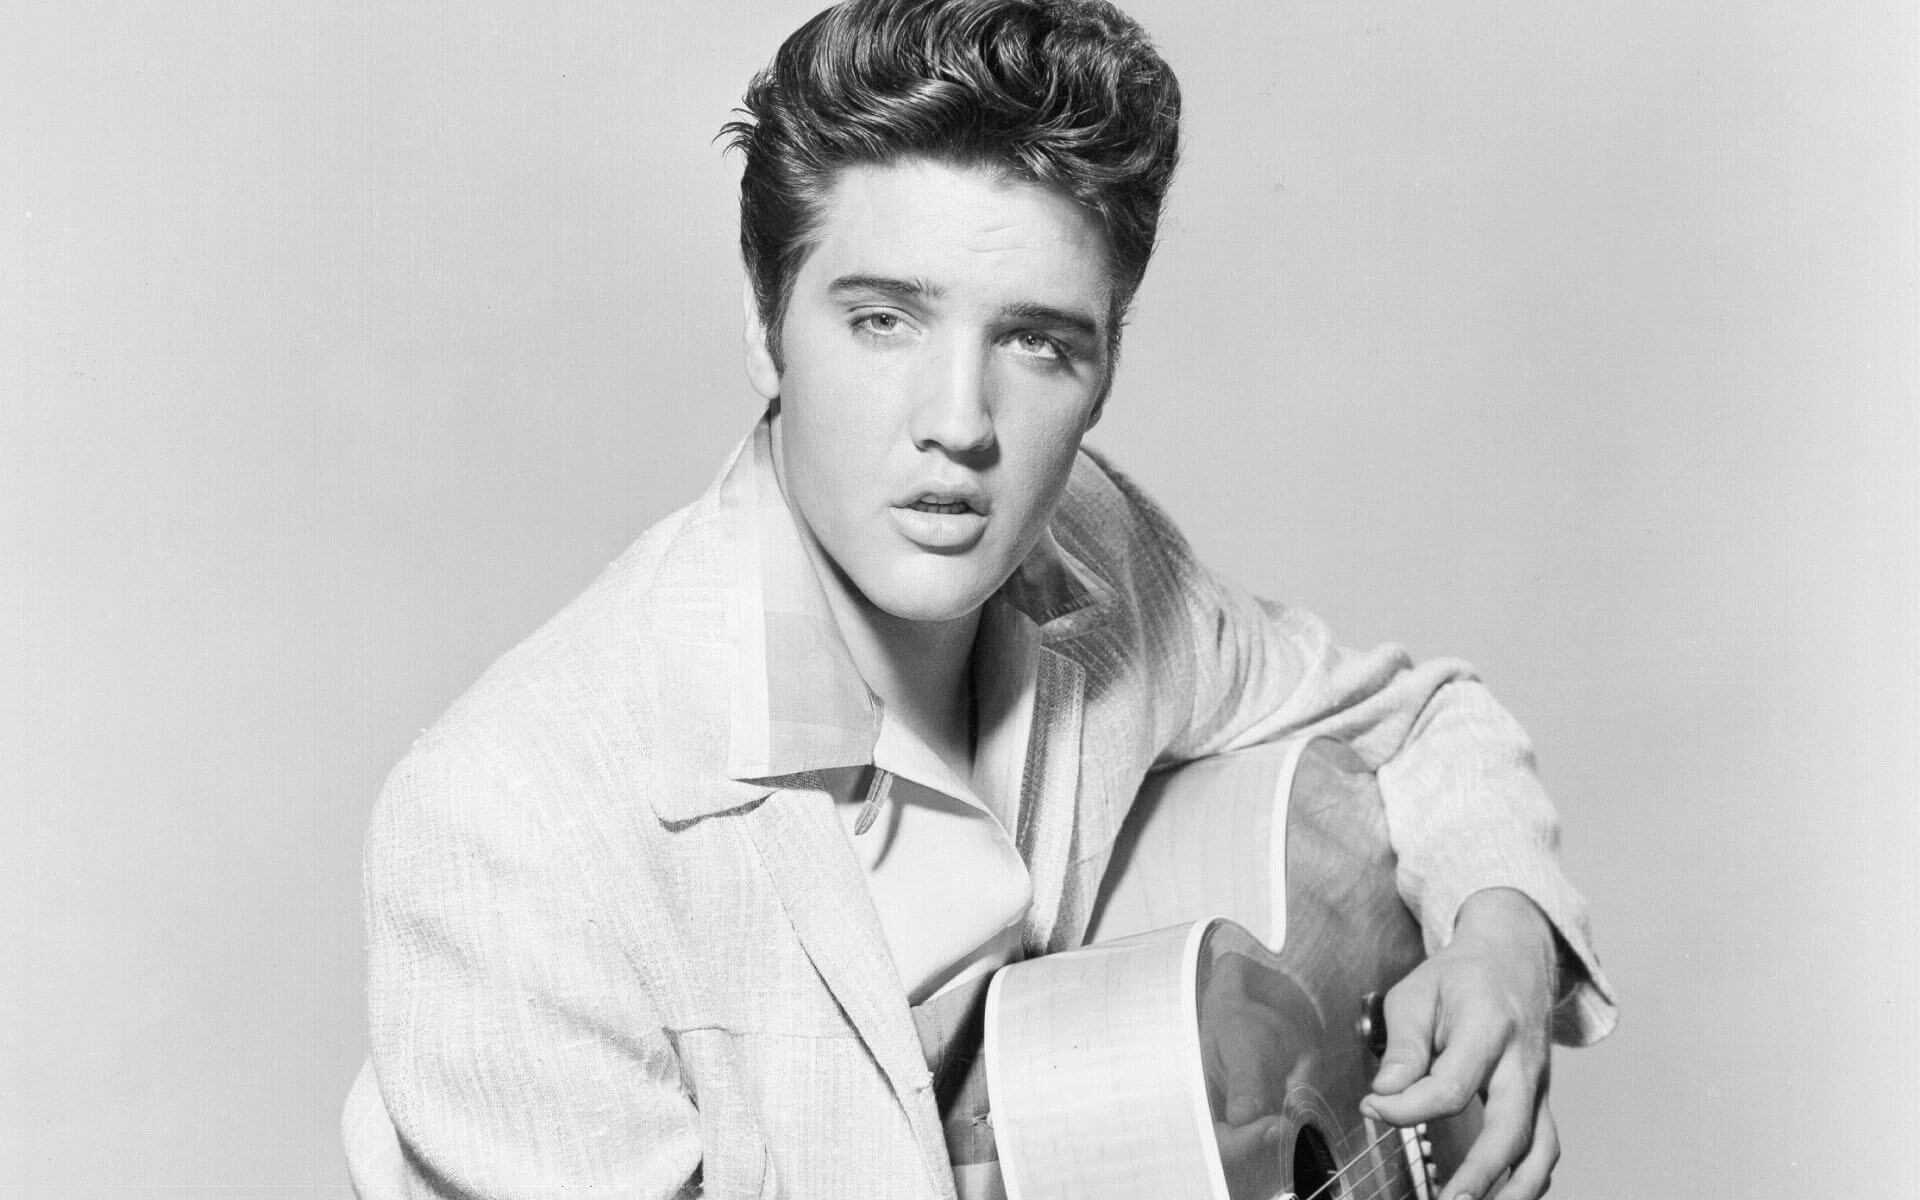 The King, chi sarà il protagonista del biopic su Elvis Presley?